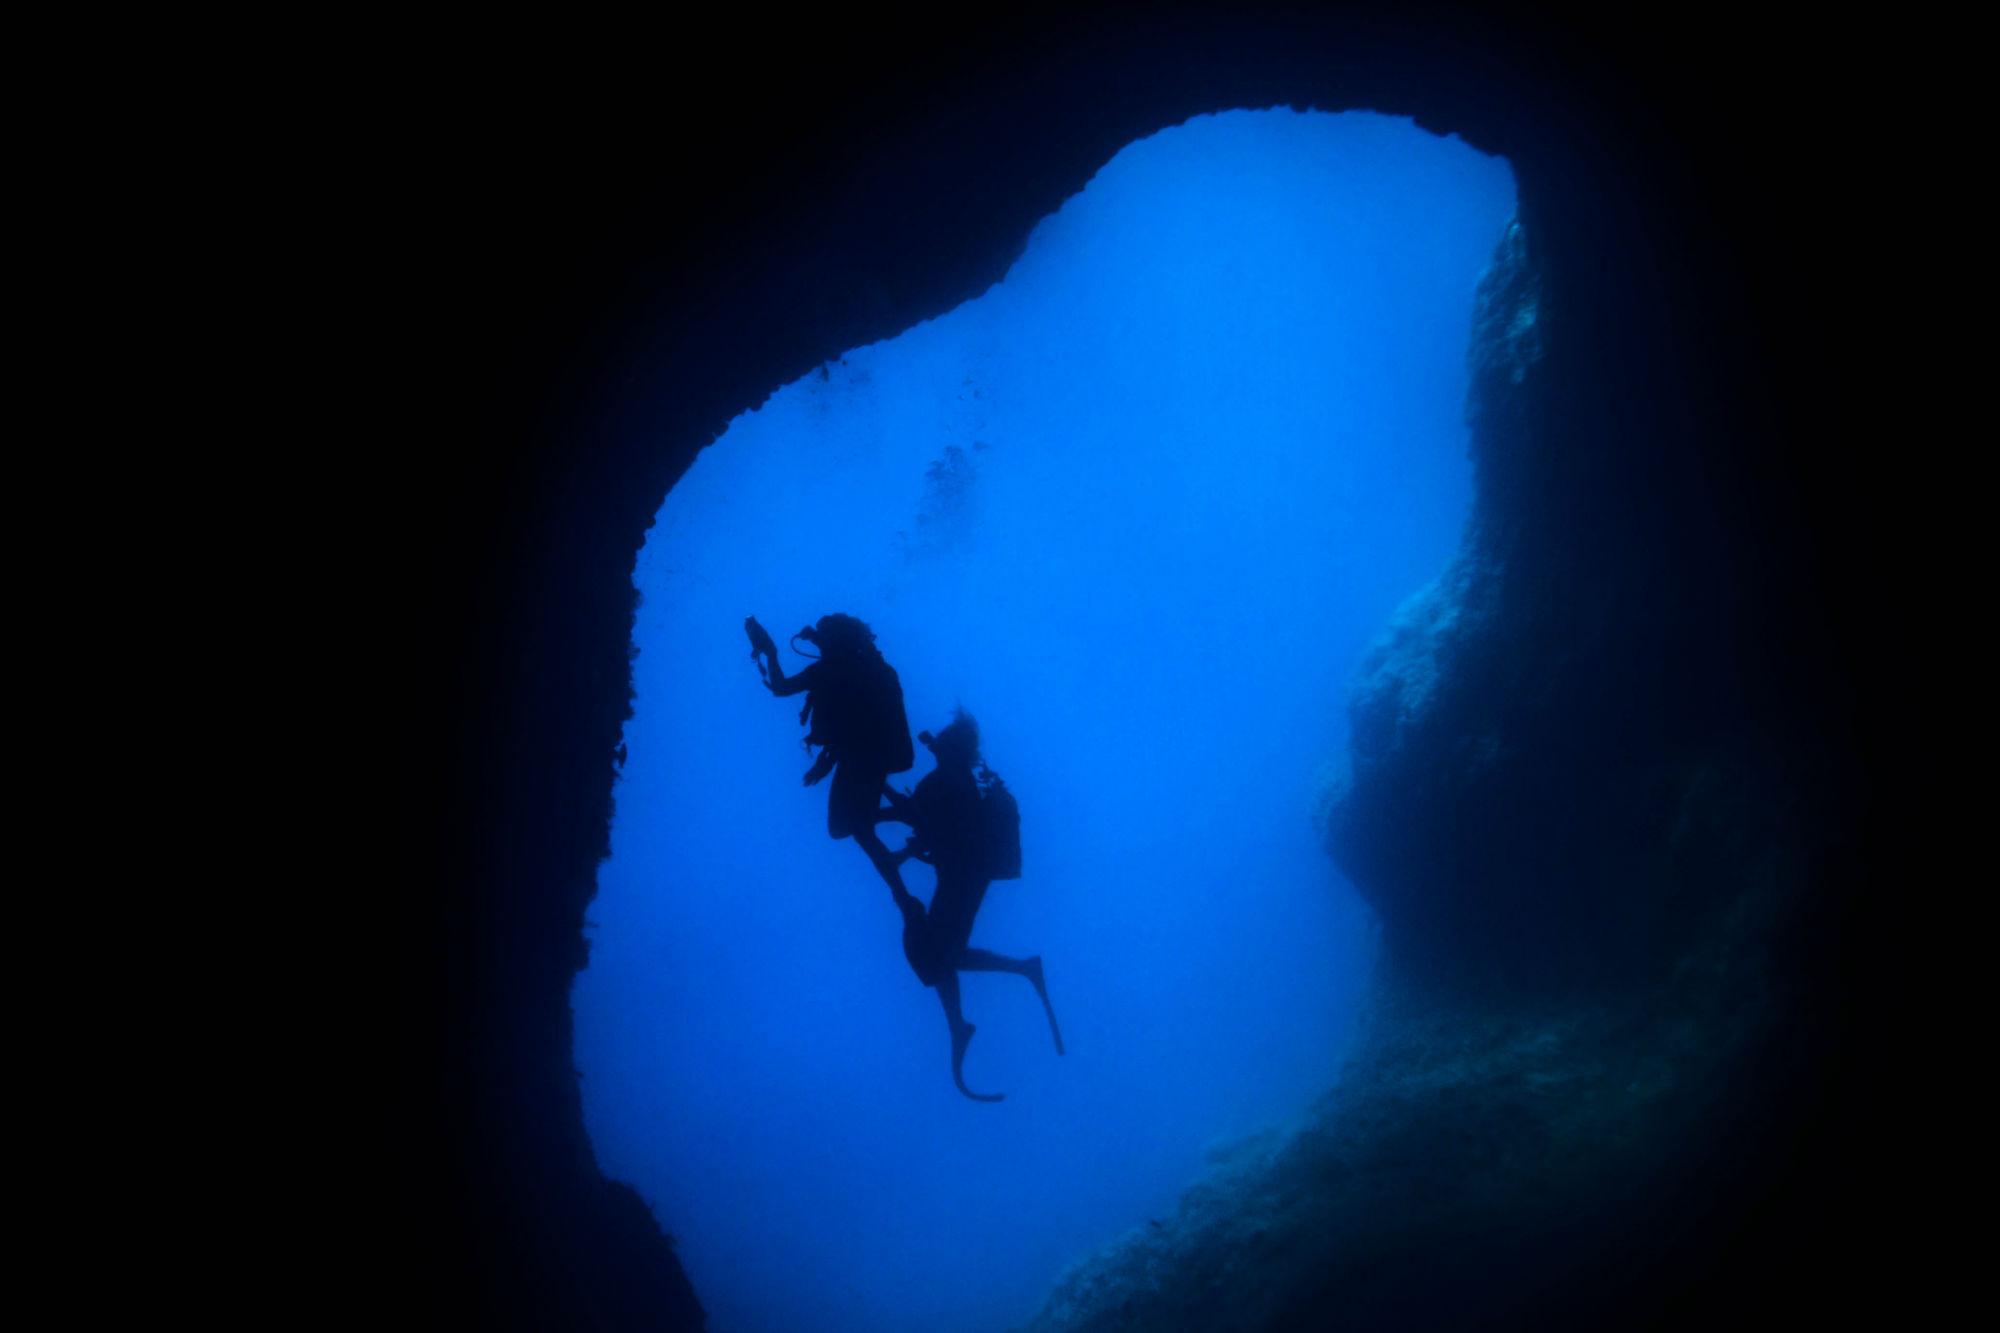 Scuba Diver Silhouettes in the Grotta dell'Isca